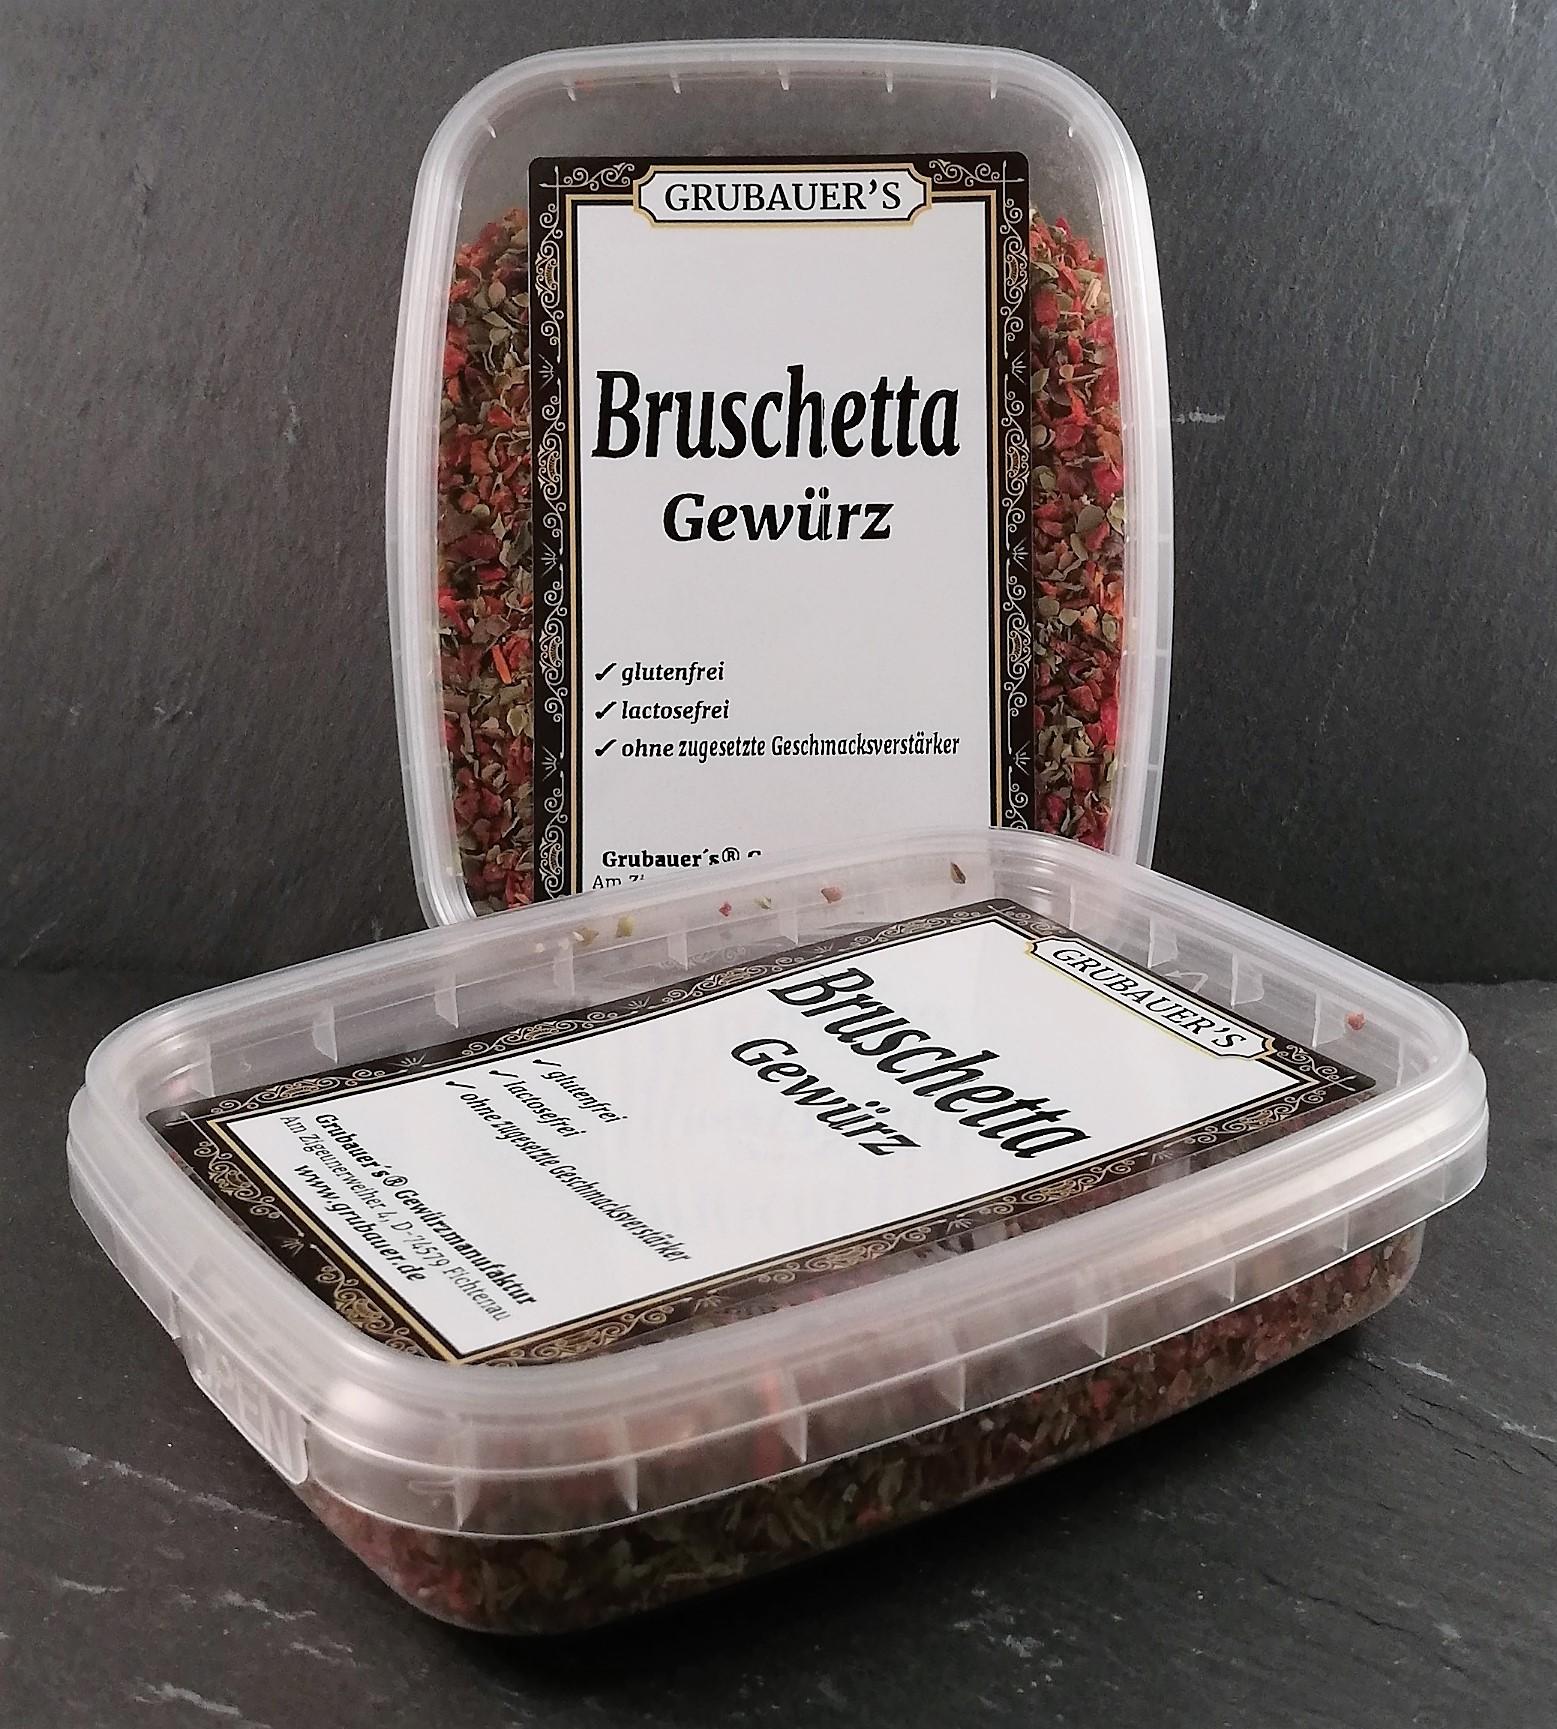 Bruschetta Gewürz